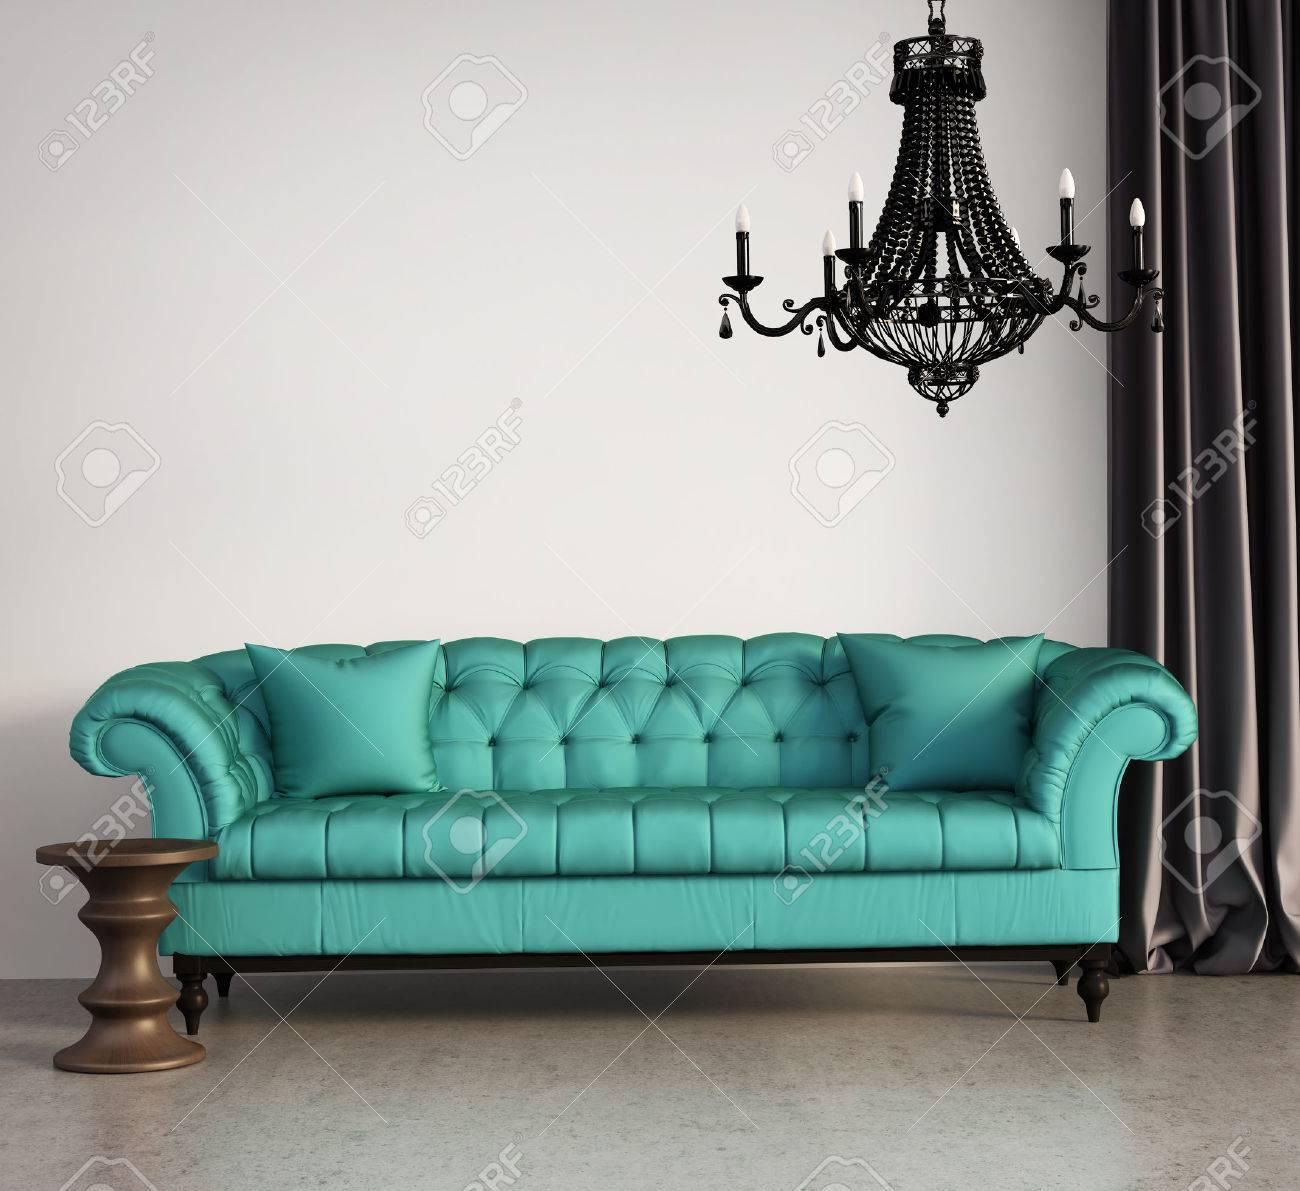 Vintage-Klassiker Elegantes Wohnzimmer Mit Grünen Sofa Und ...